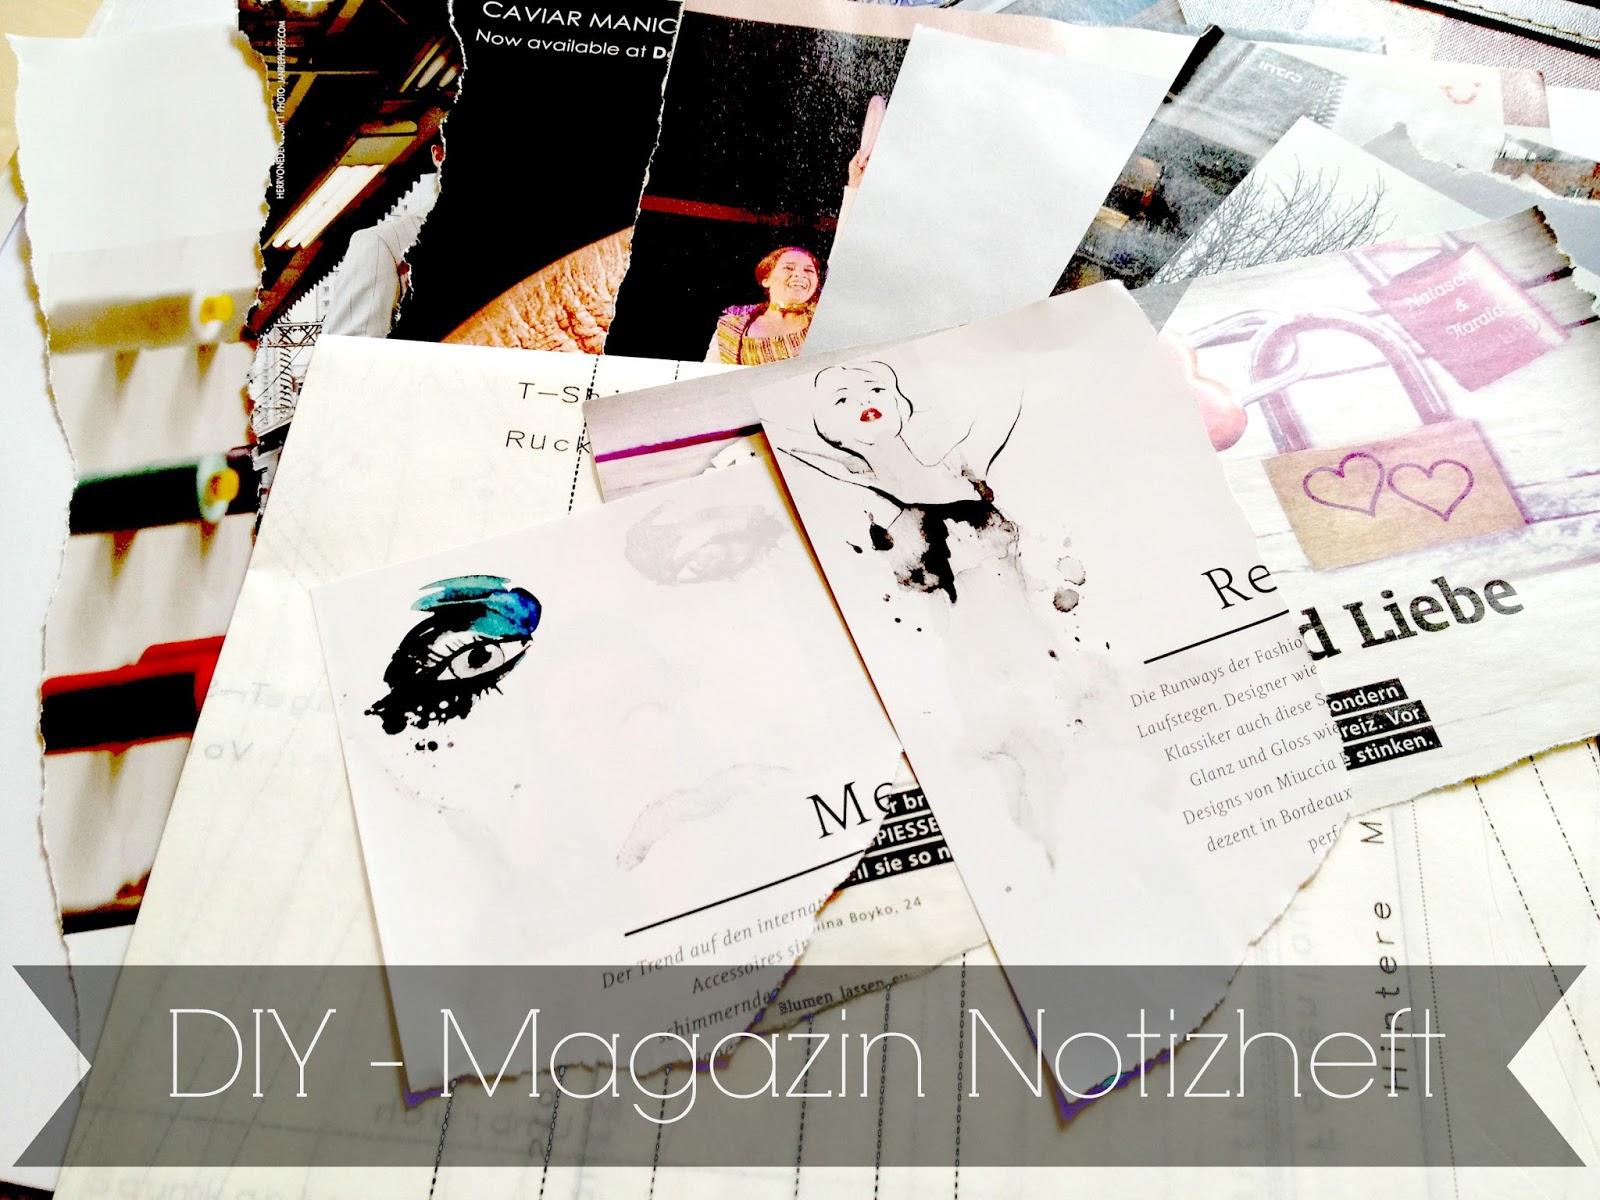 Diy Magazin